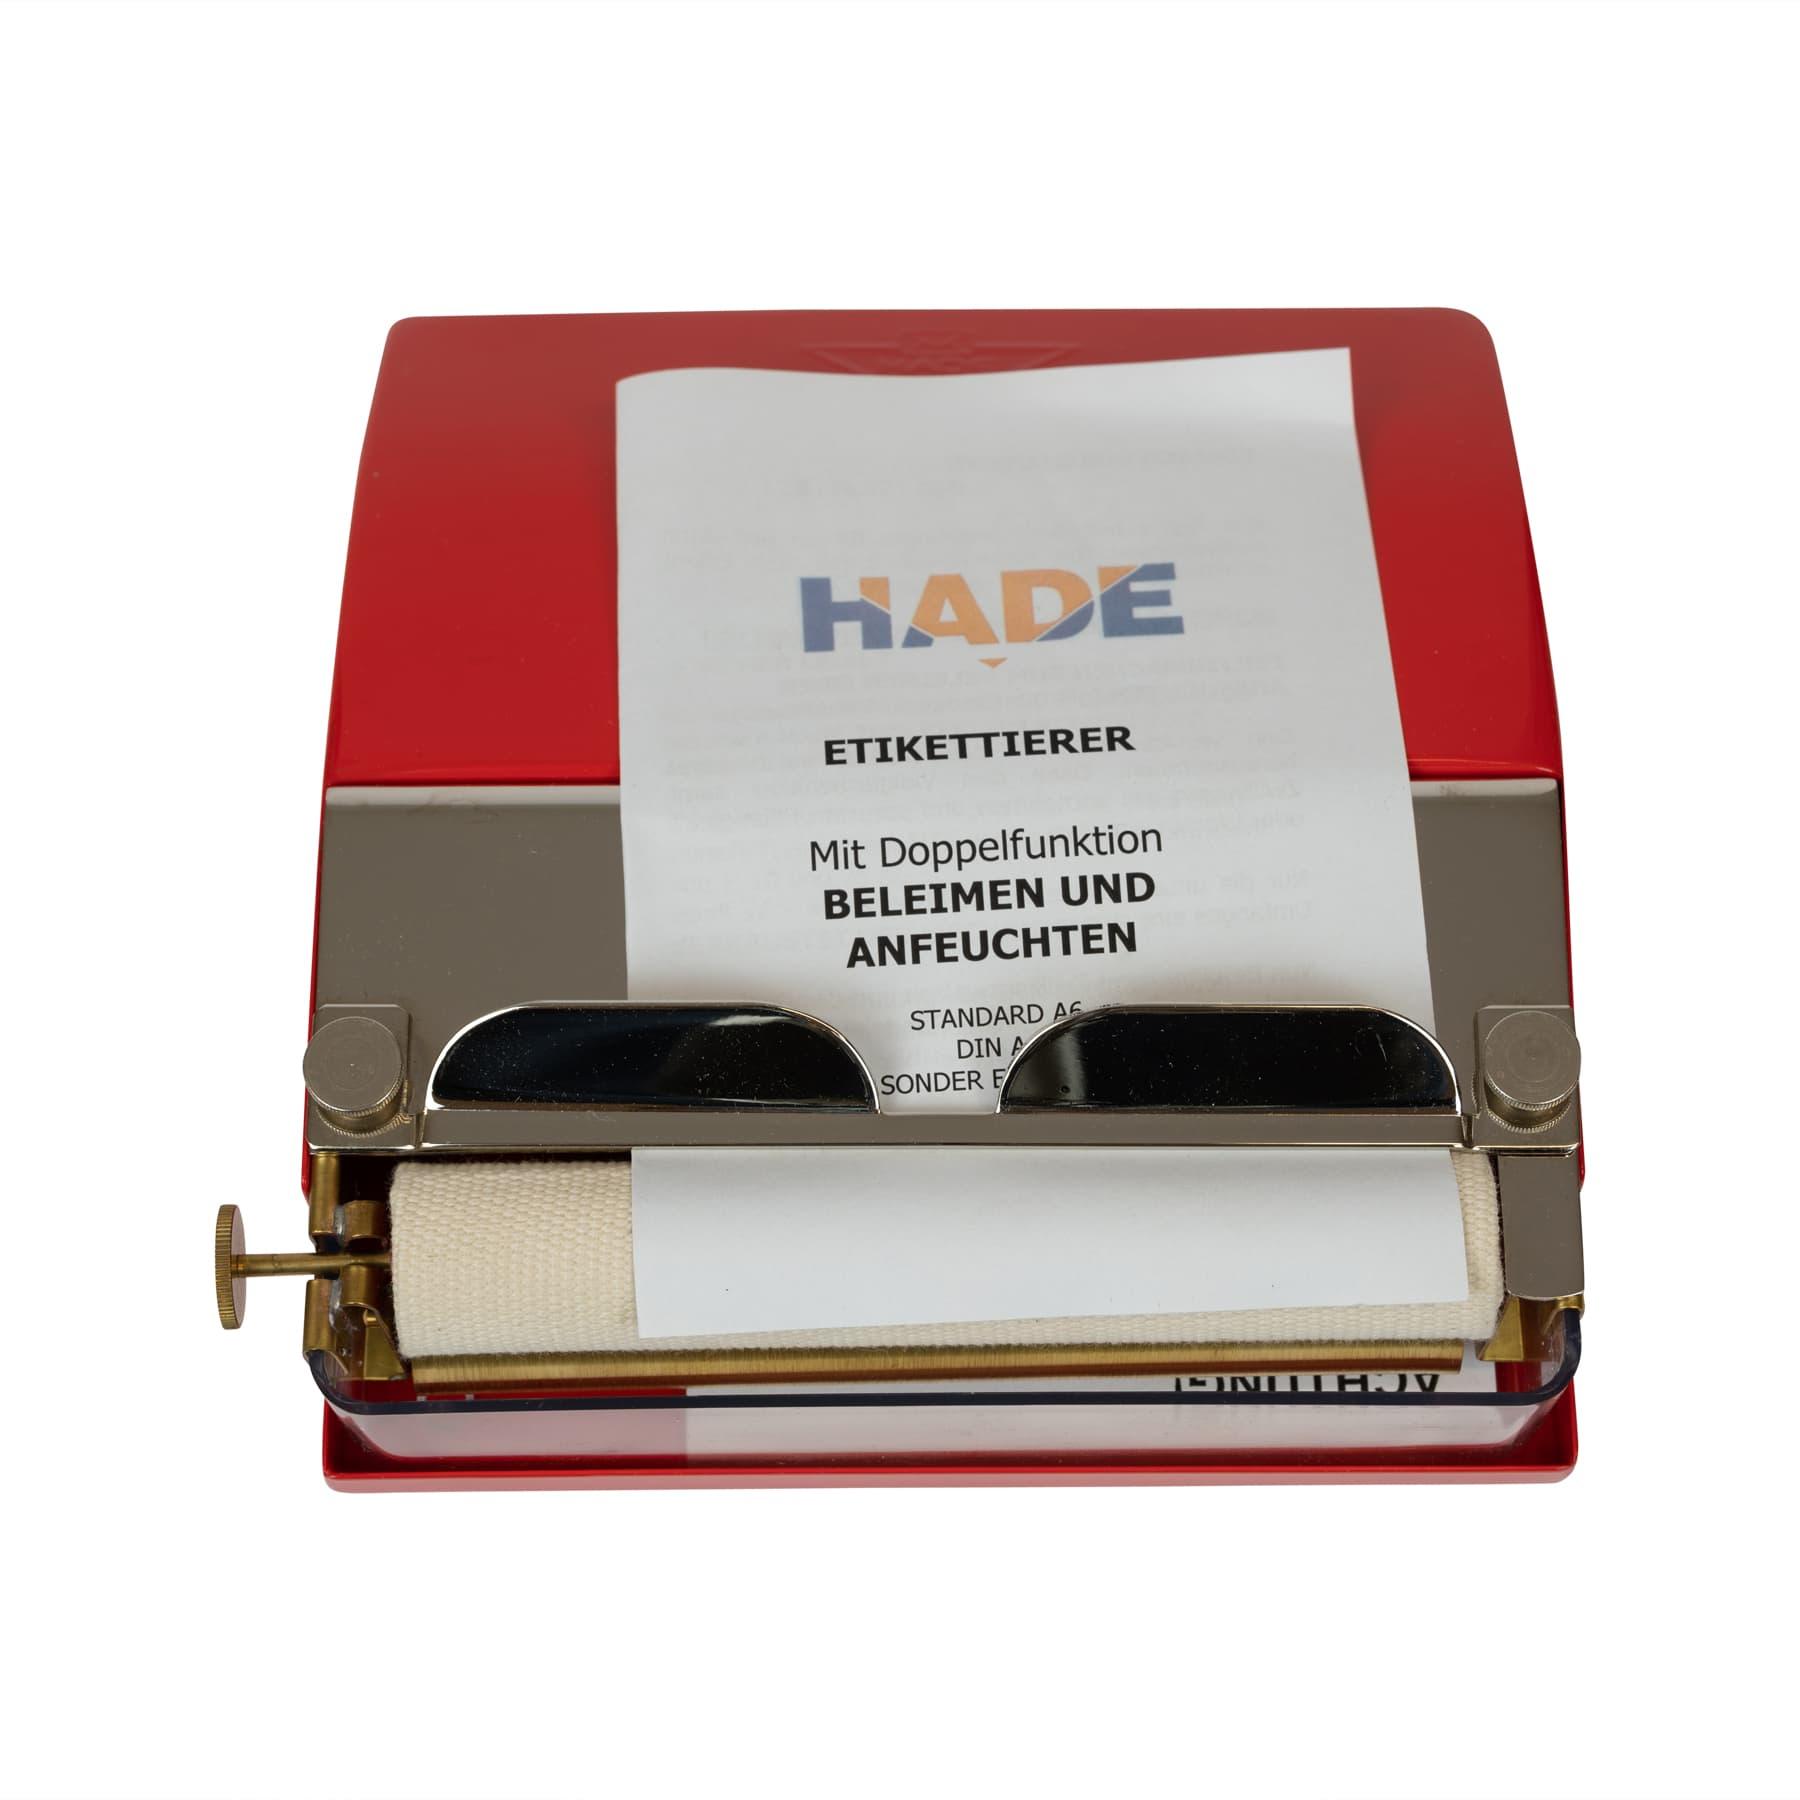 Beleimungsgerät / Etikettenbefeuchter / Etikettierer, elektrisch, Nutzbreite 180 mm